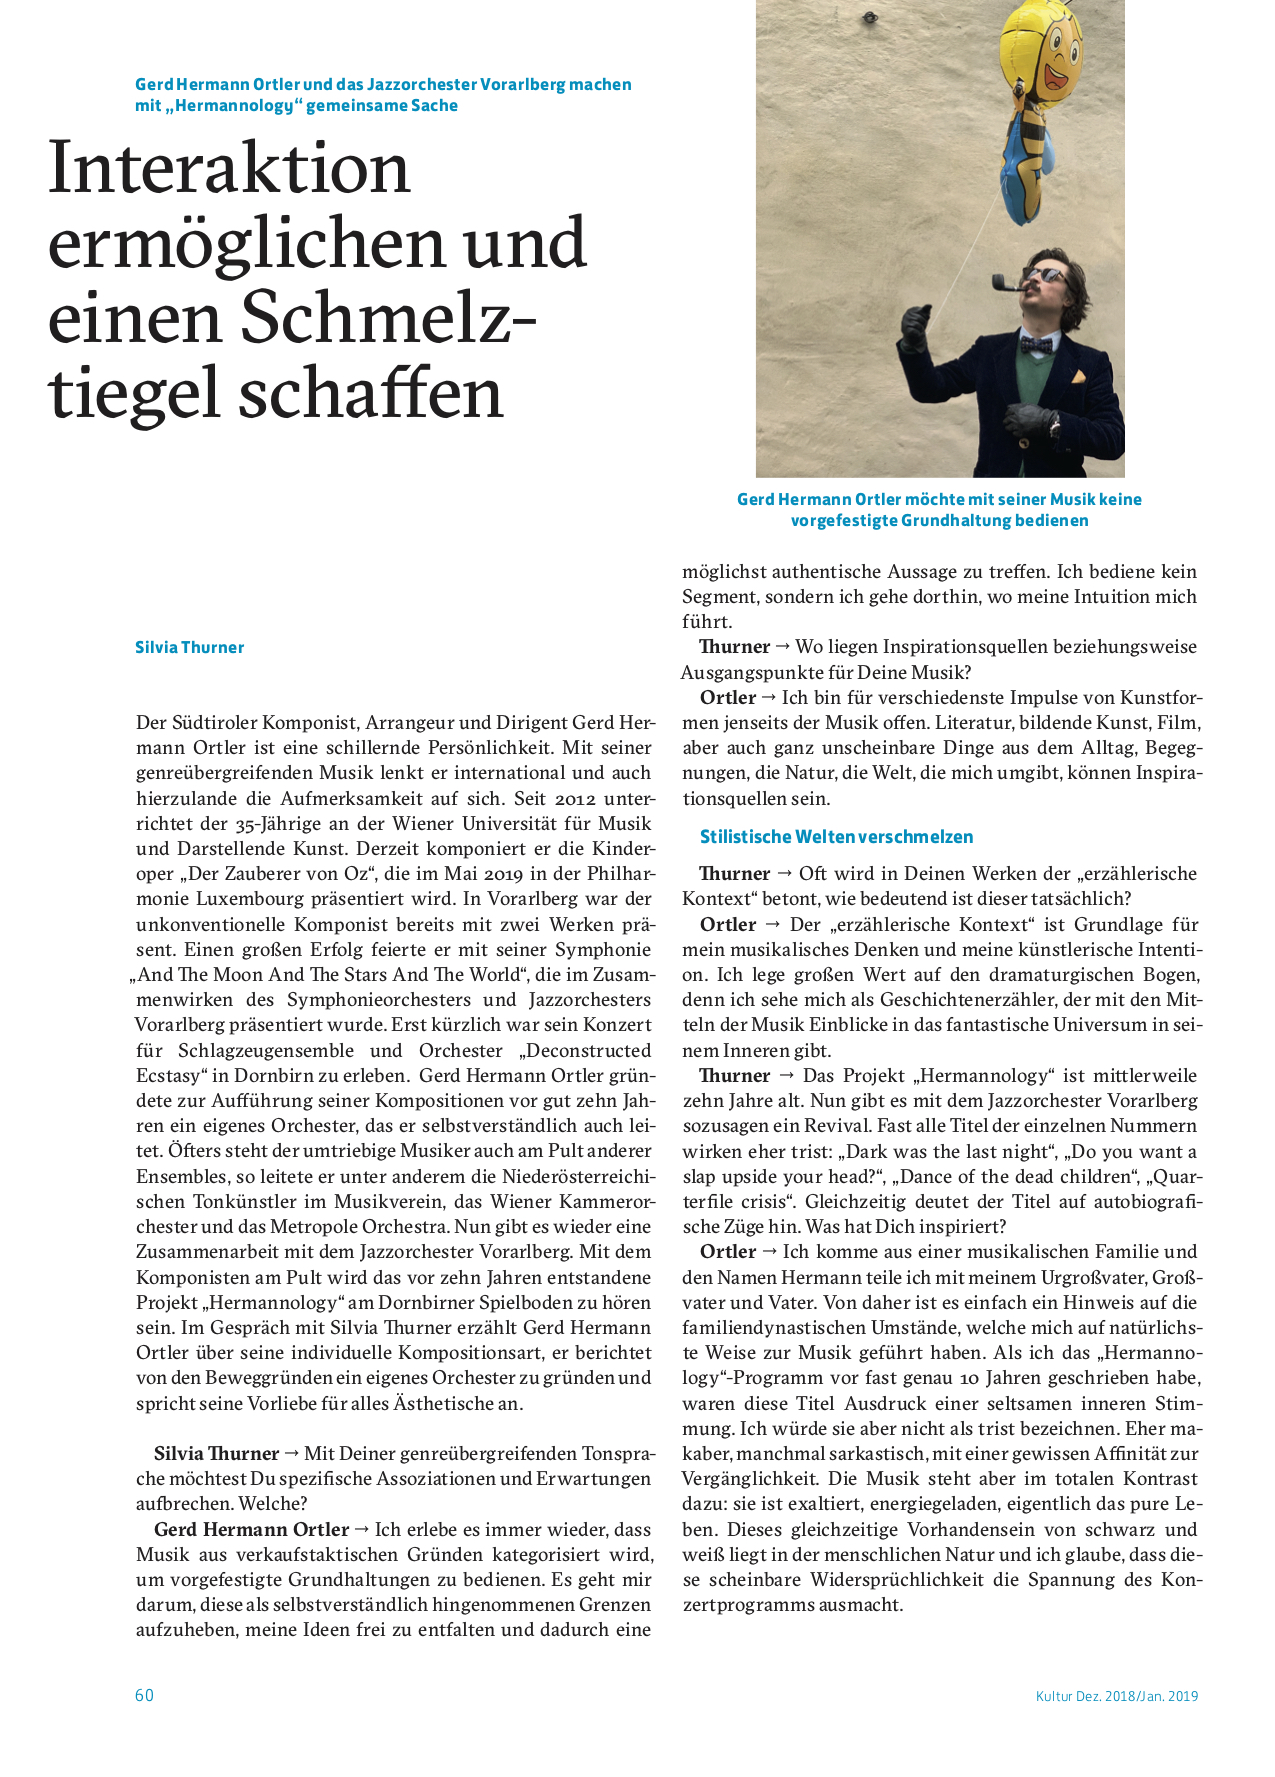 S.Thurner_Herrmannology_KULTUR_Dez18-Jän19.jpg